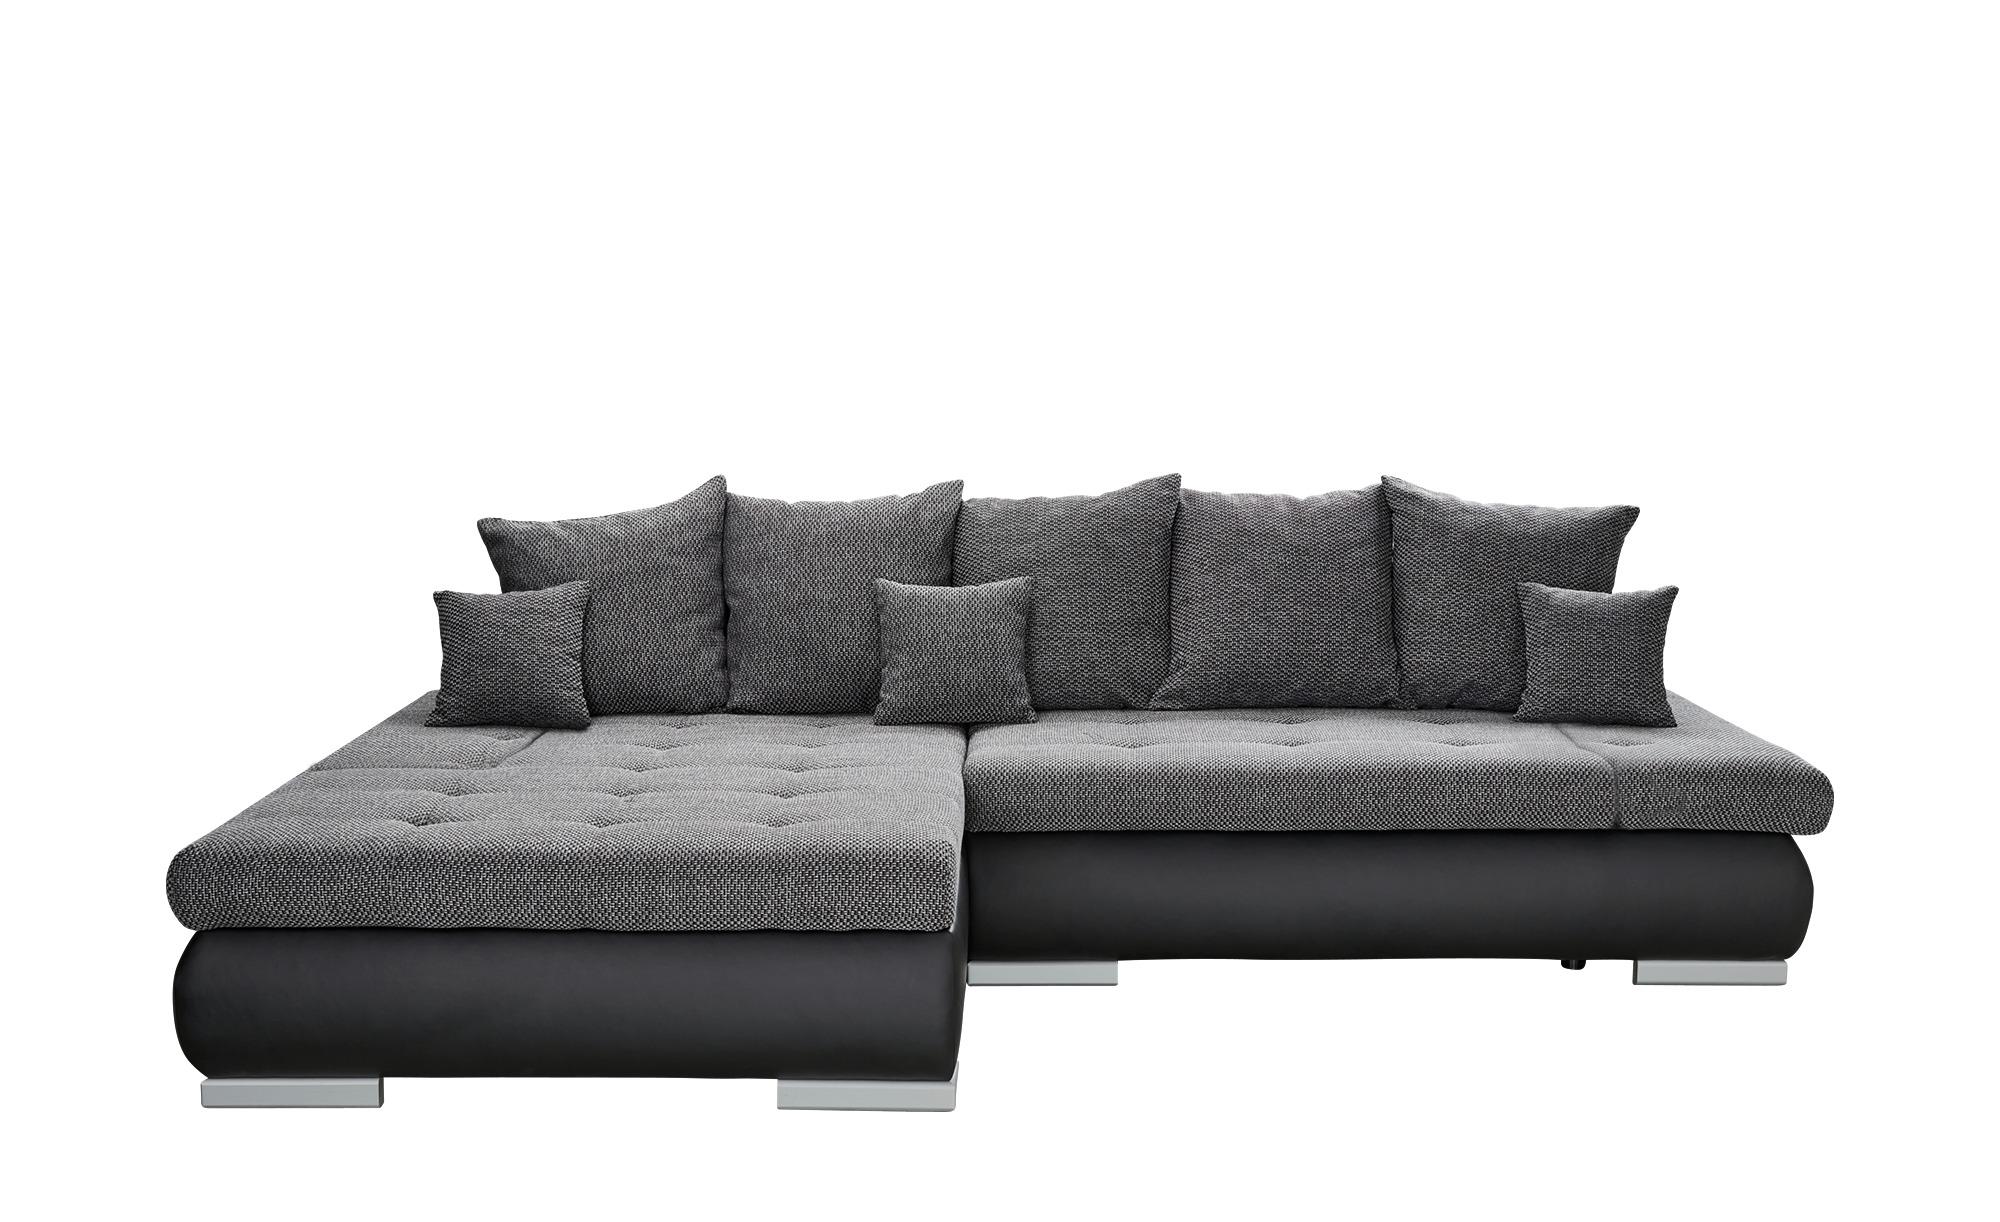 switch Eckcouch schwarz/grau - Kunstleder/Webstoff Ivan ¦ grau ¦ Maße (cm): H: 80 Polstermöbel > Sofas > Ecksofas - Höffner